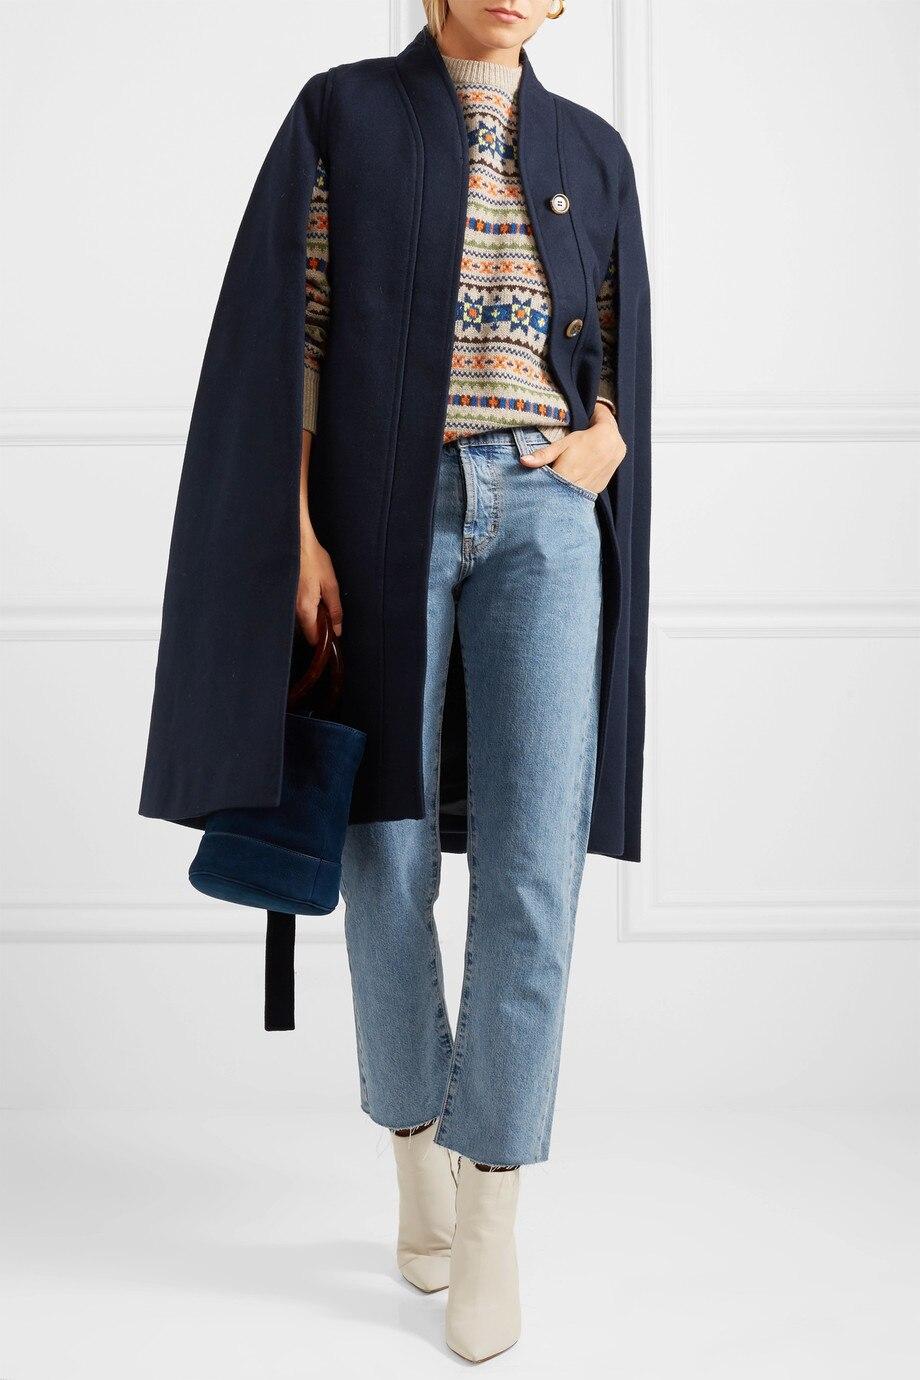 Женское шерстяное пальто-накидка, Свободные повседневные пончо, модное осенне-зимнее пальто, шерстяное пальто-накидка